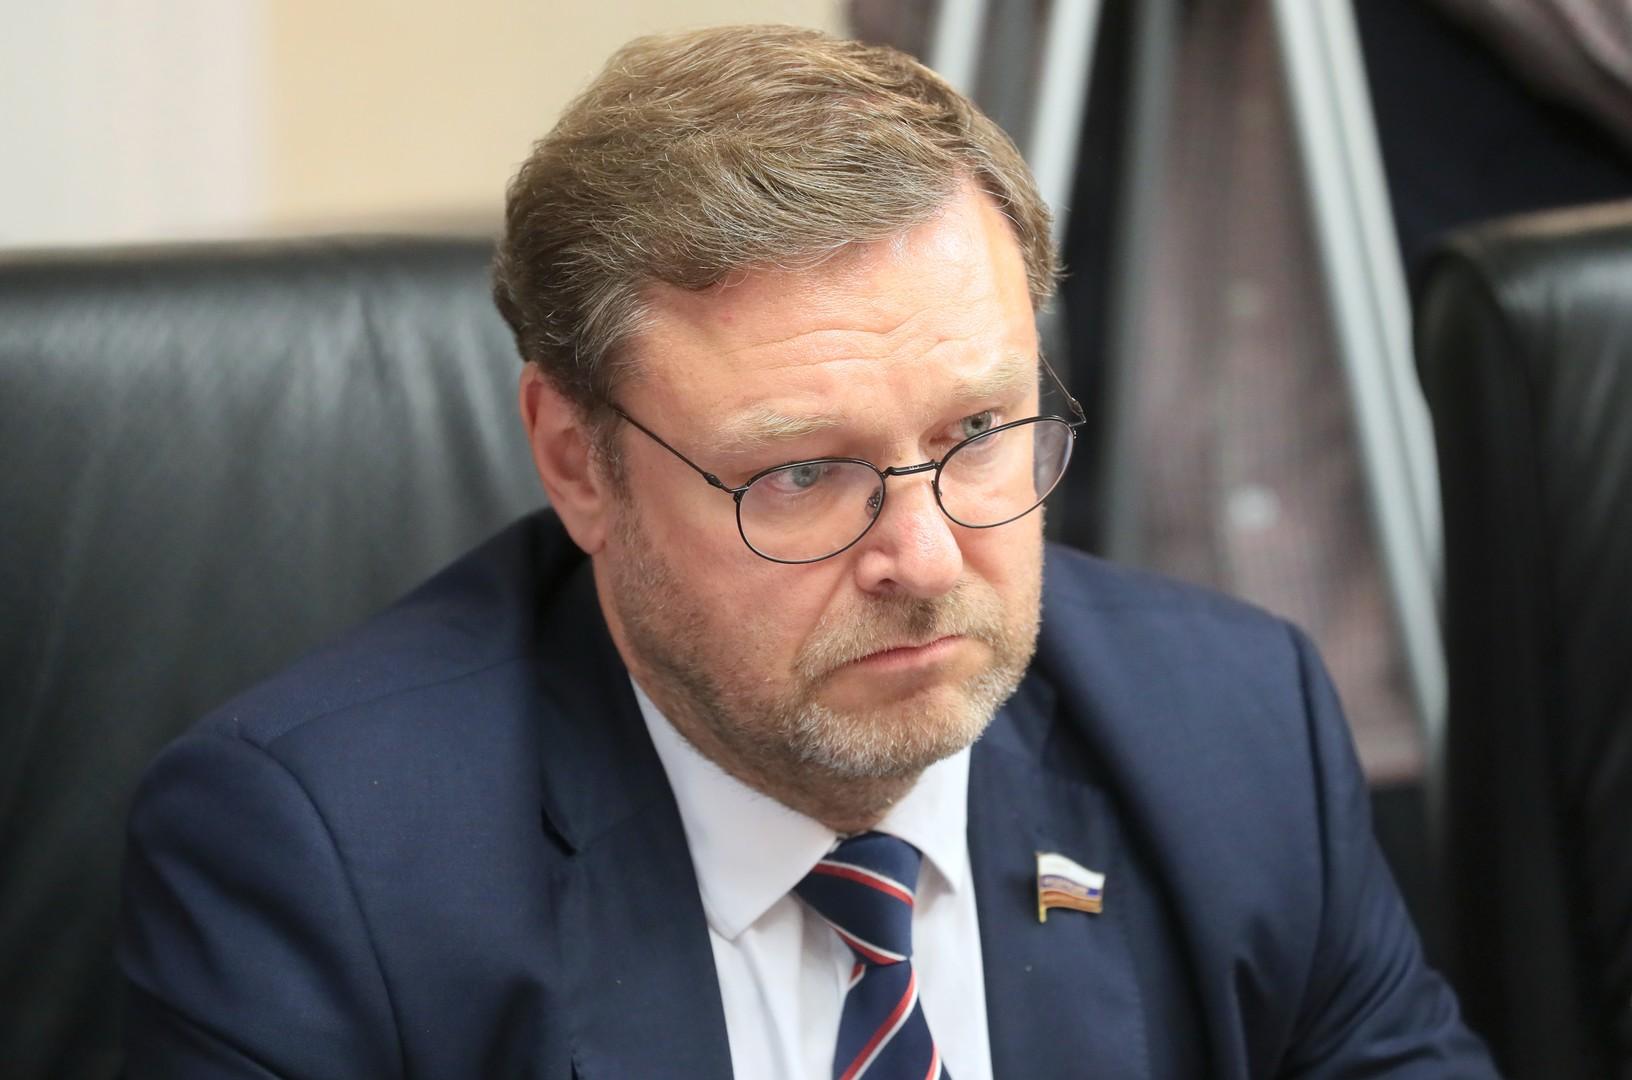 Reaktion aus Russland zur Wahl von der Leyens: Die anti-russische Politik wird die gleiche bleiben